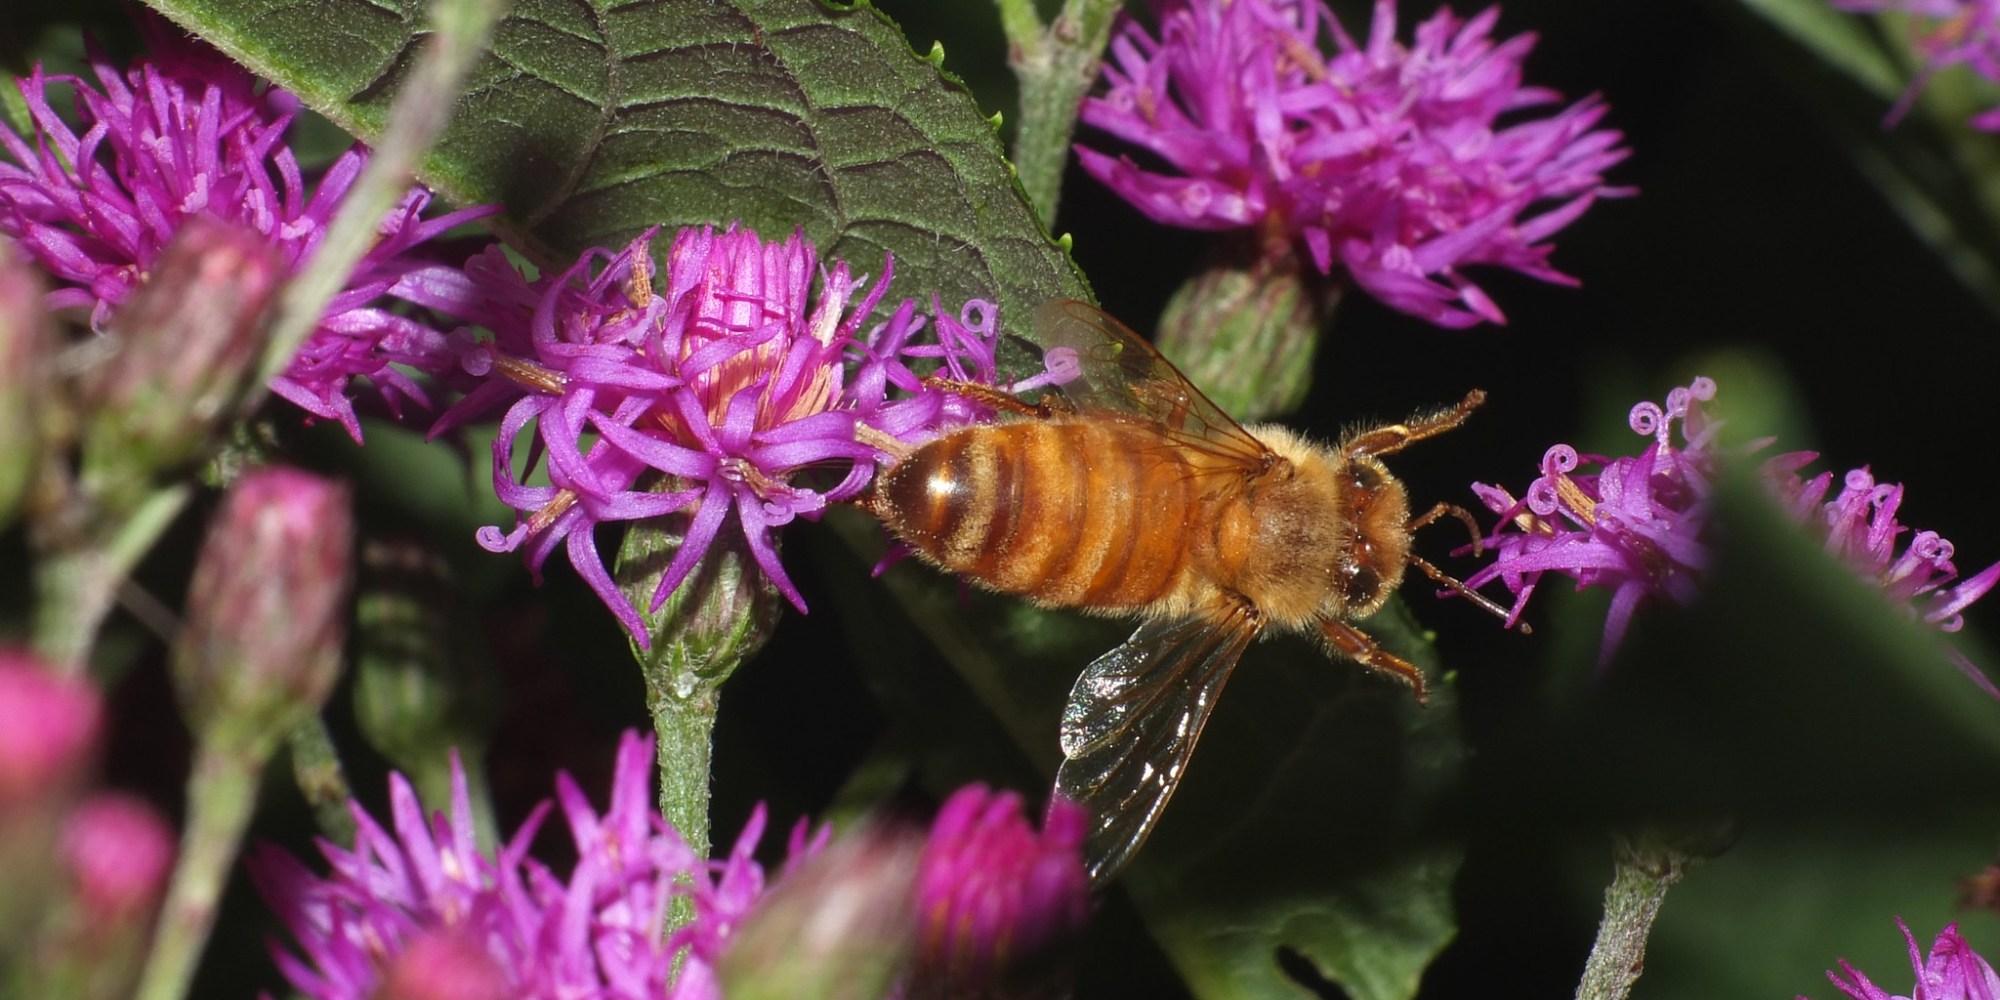 Cute Honey Bee In Flight SOOC DSCF9009